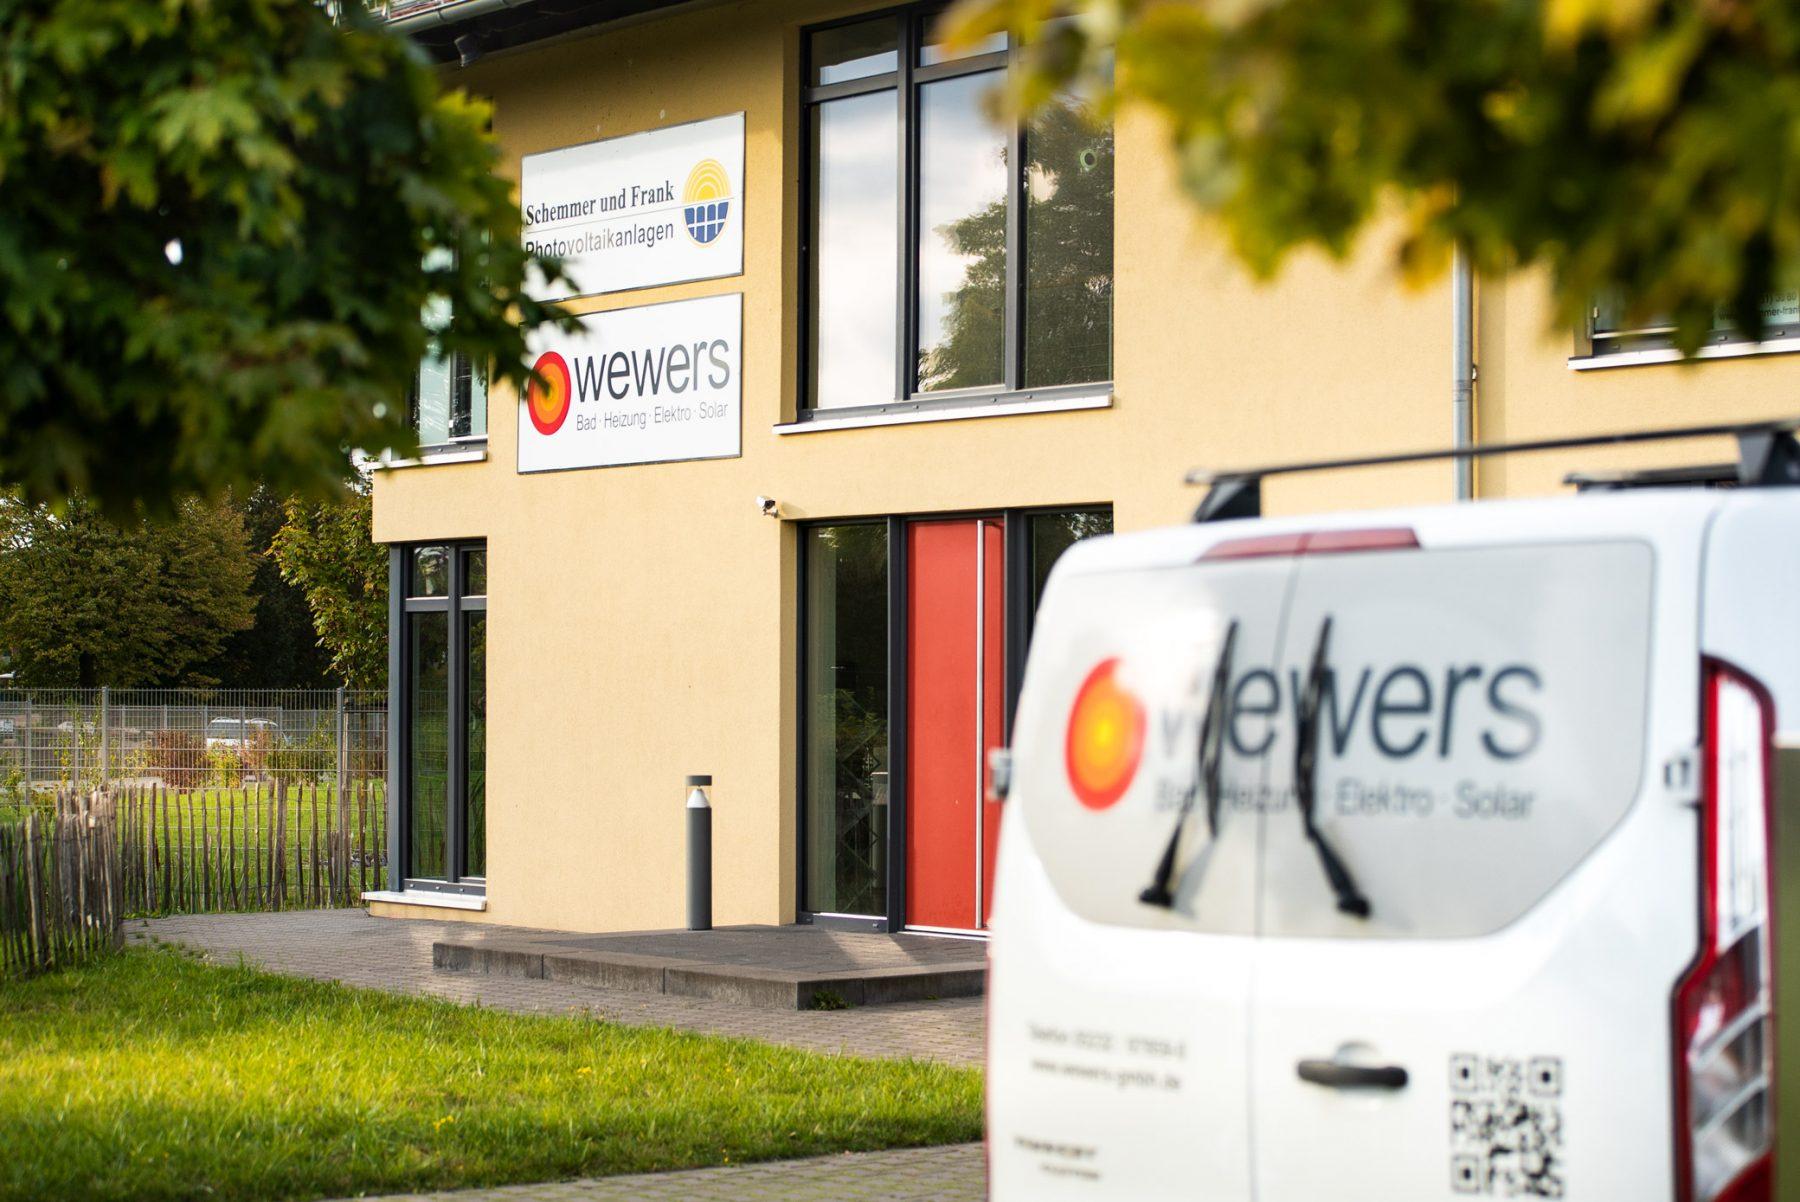 Eingang der wewers GmbH